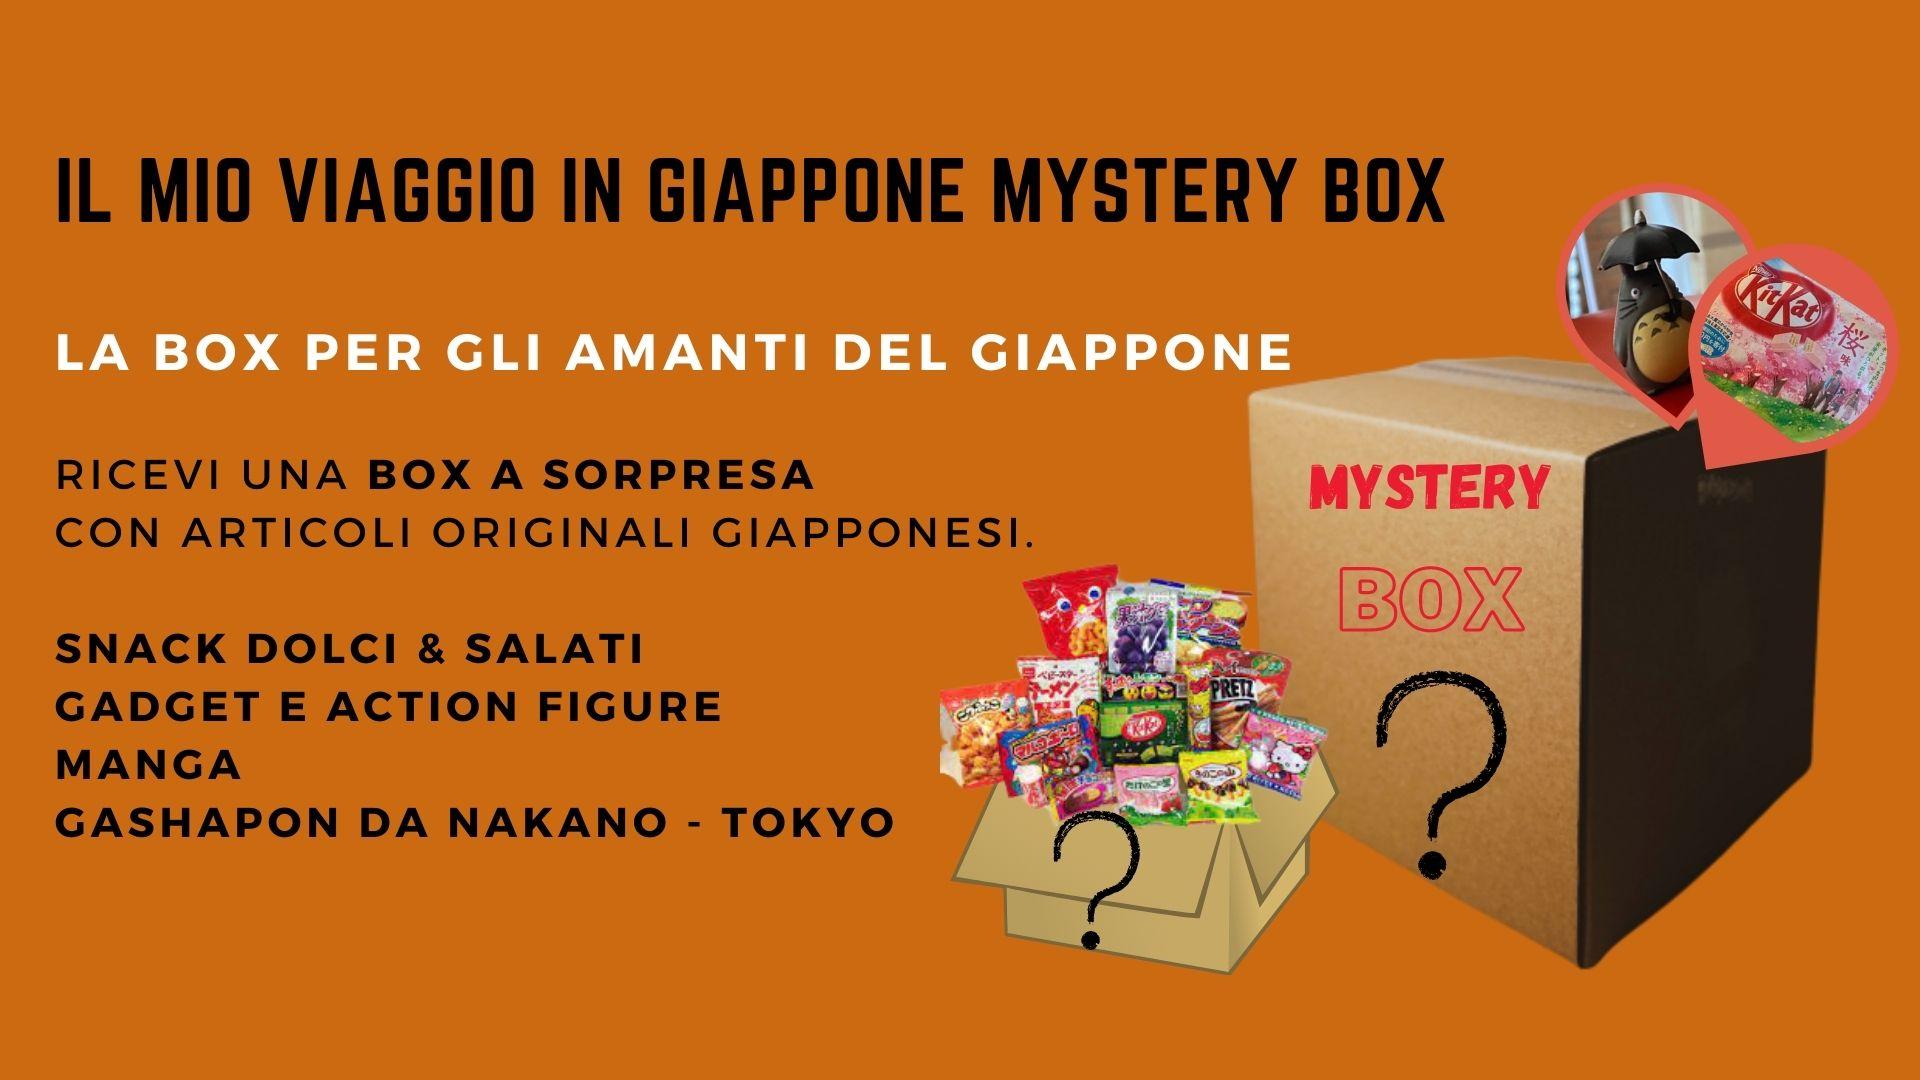 una box misteriosa con oggetti e snack dal Giappone